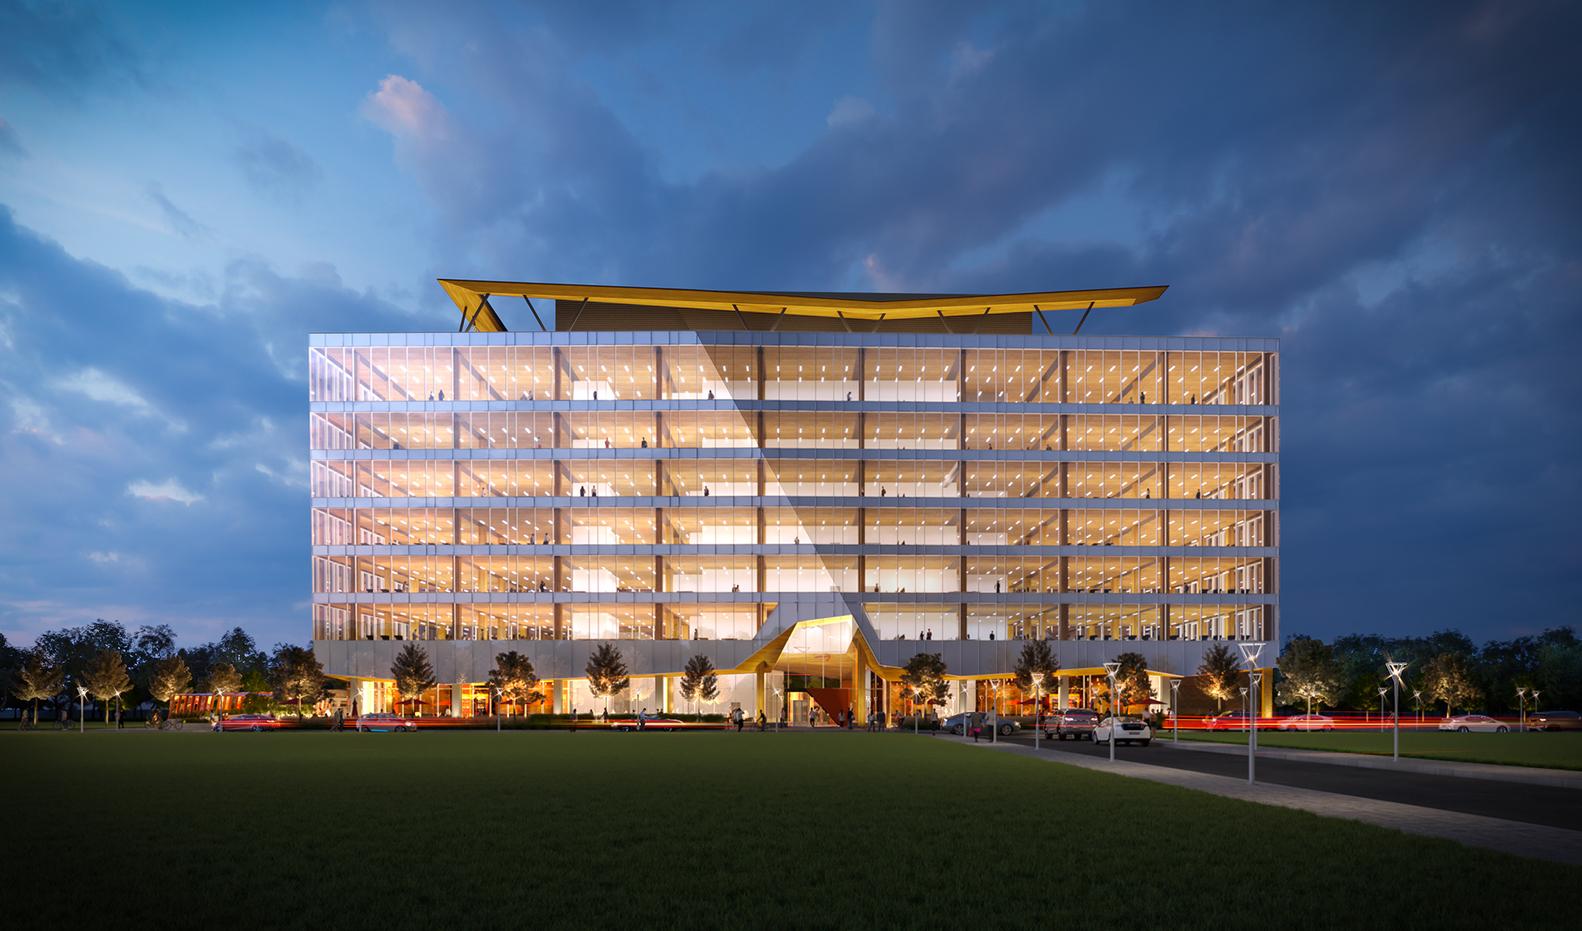 دفتر مرکزی شرکت بی ان سی آماده تبدیل شدن به بلندترین های کانادا